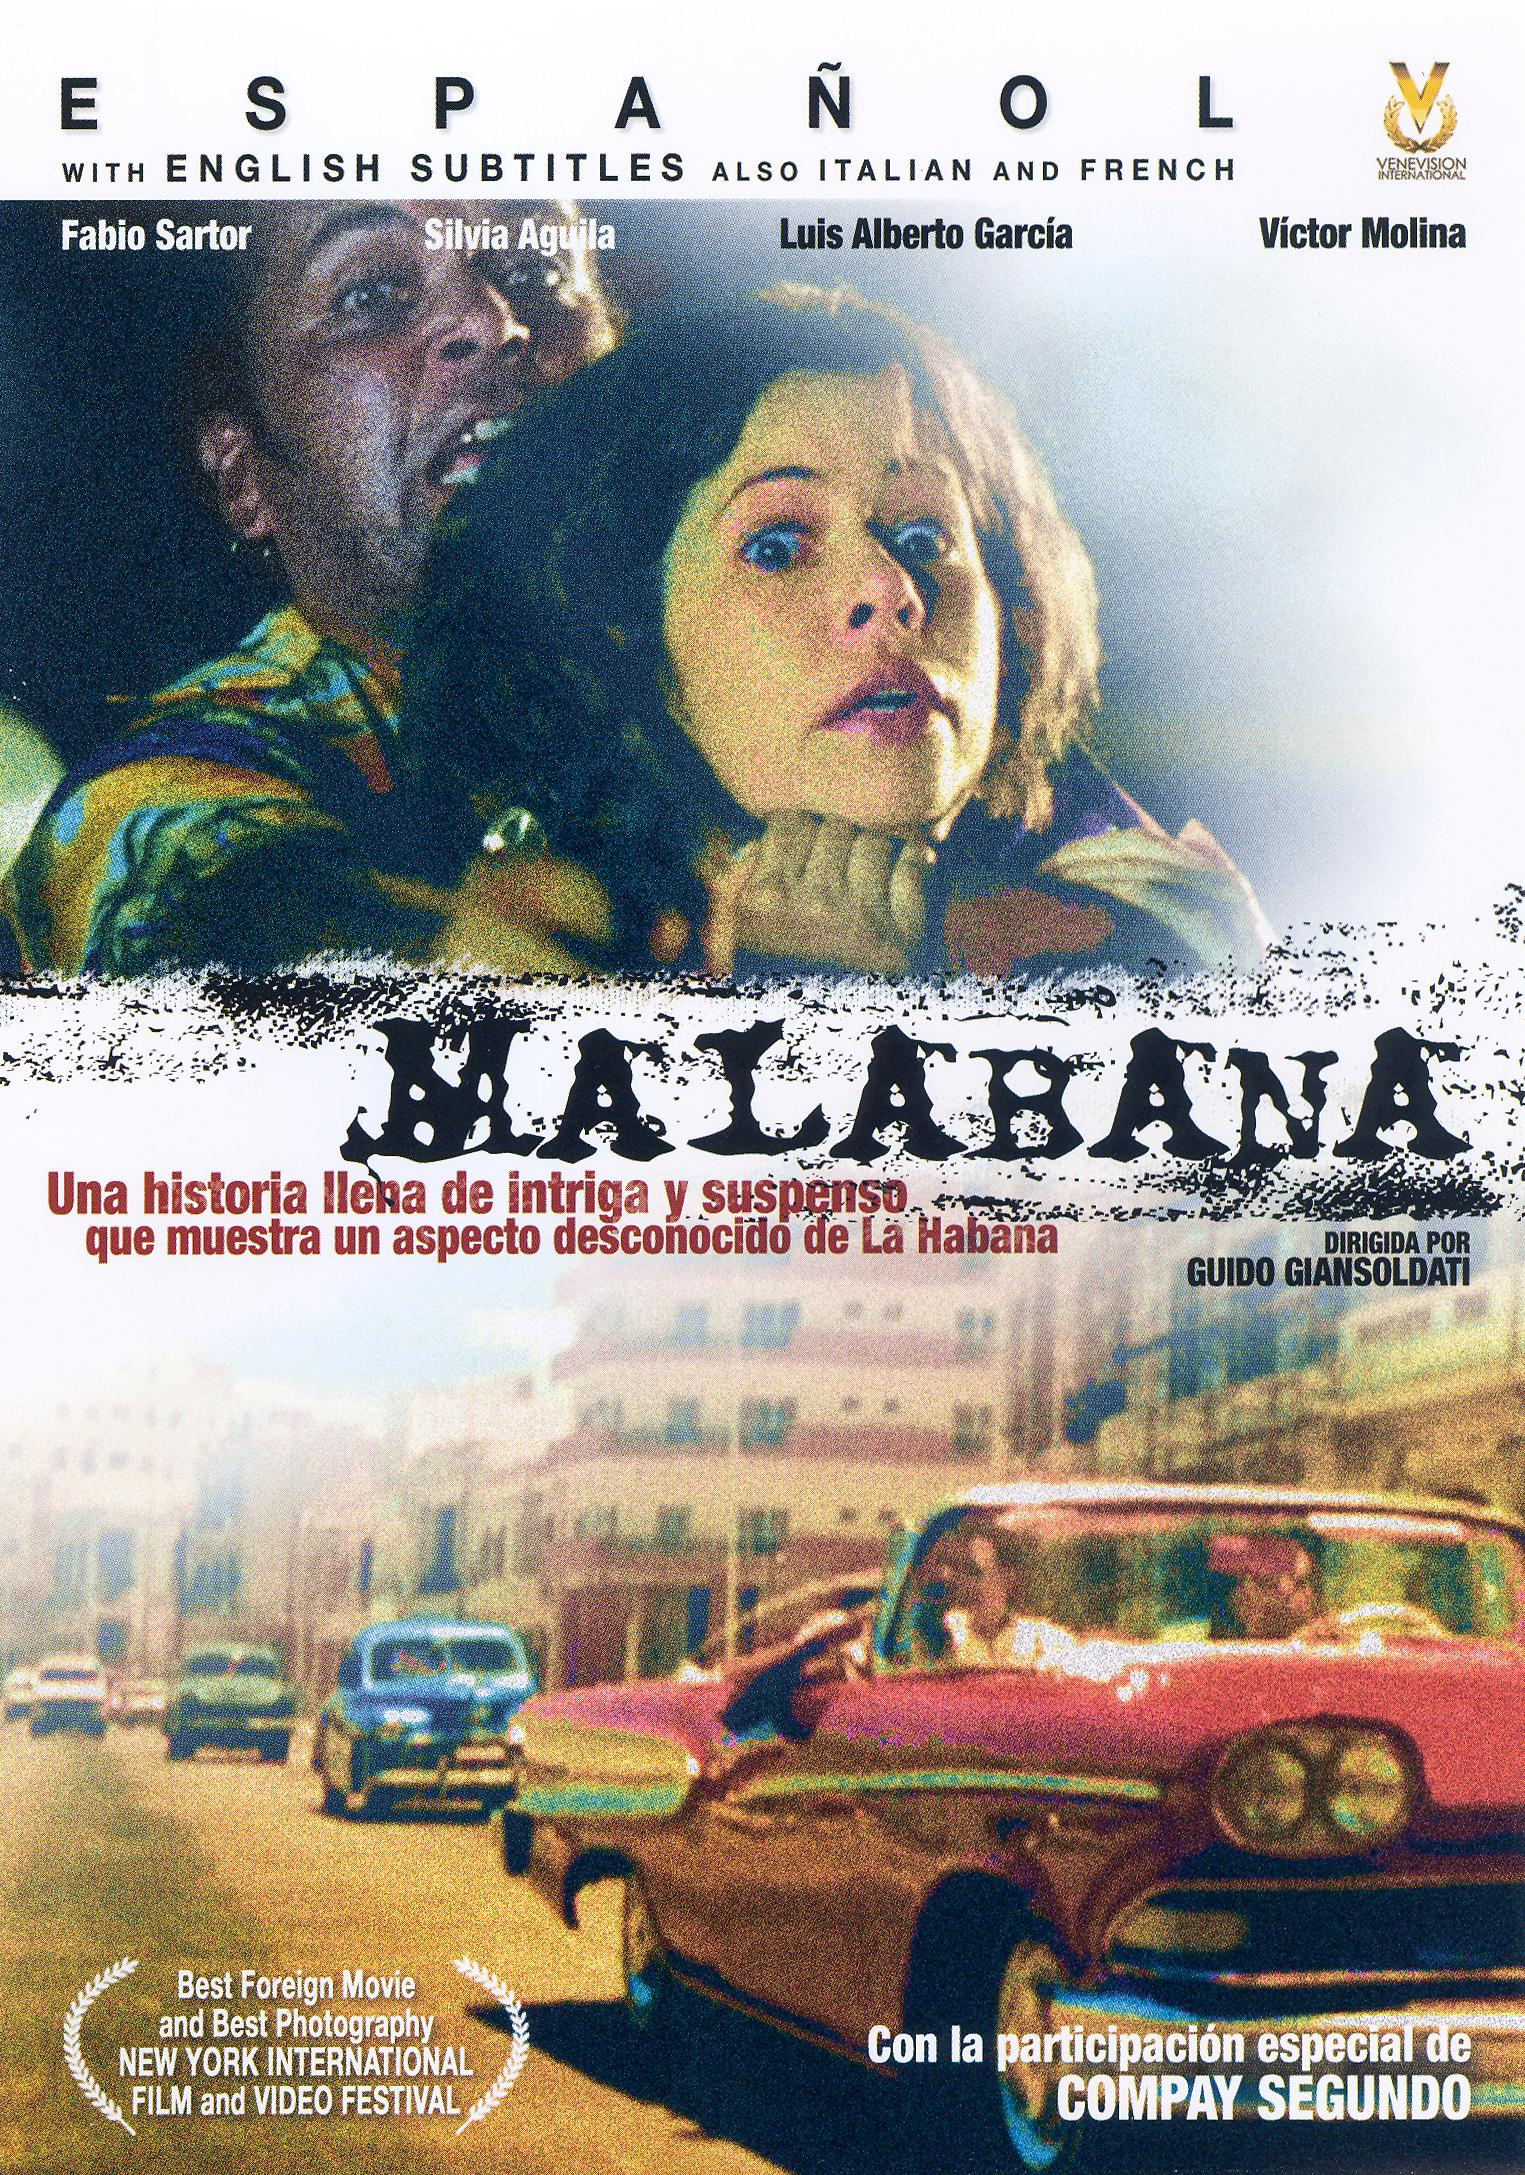 Malabana